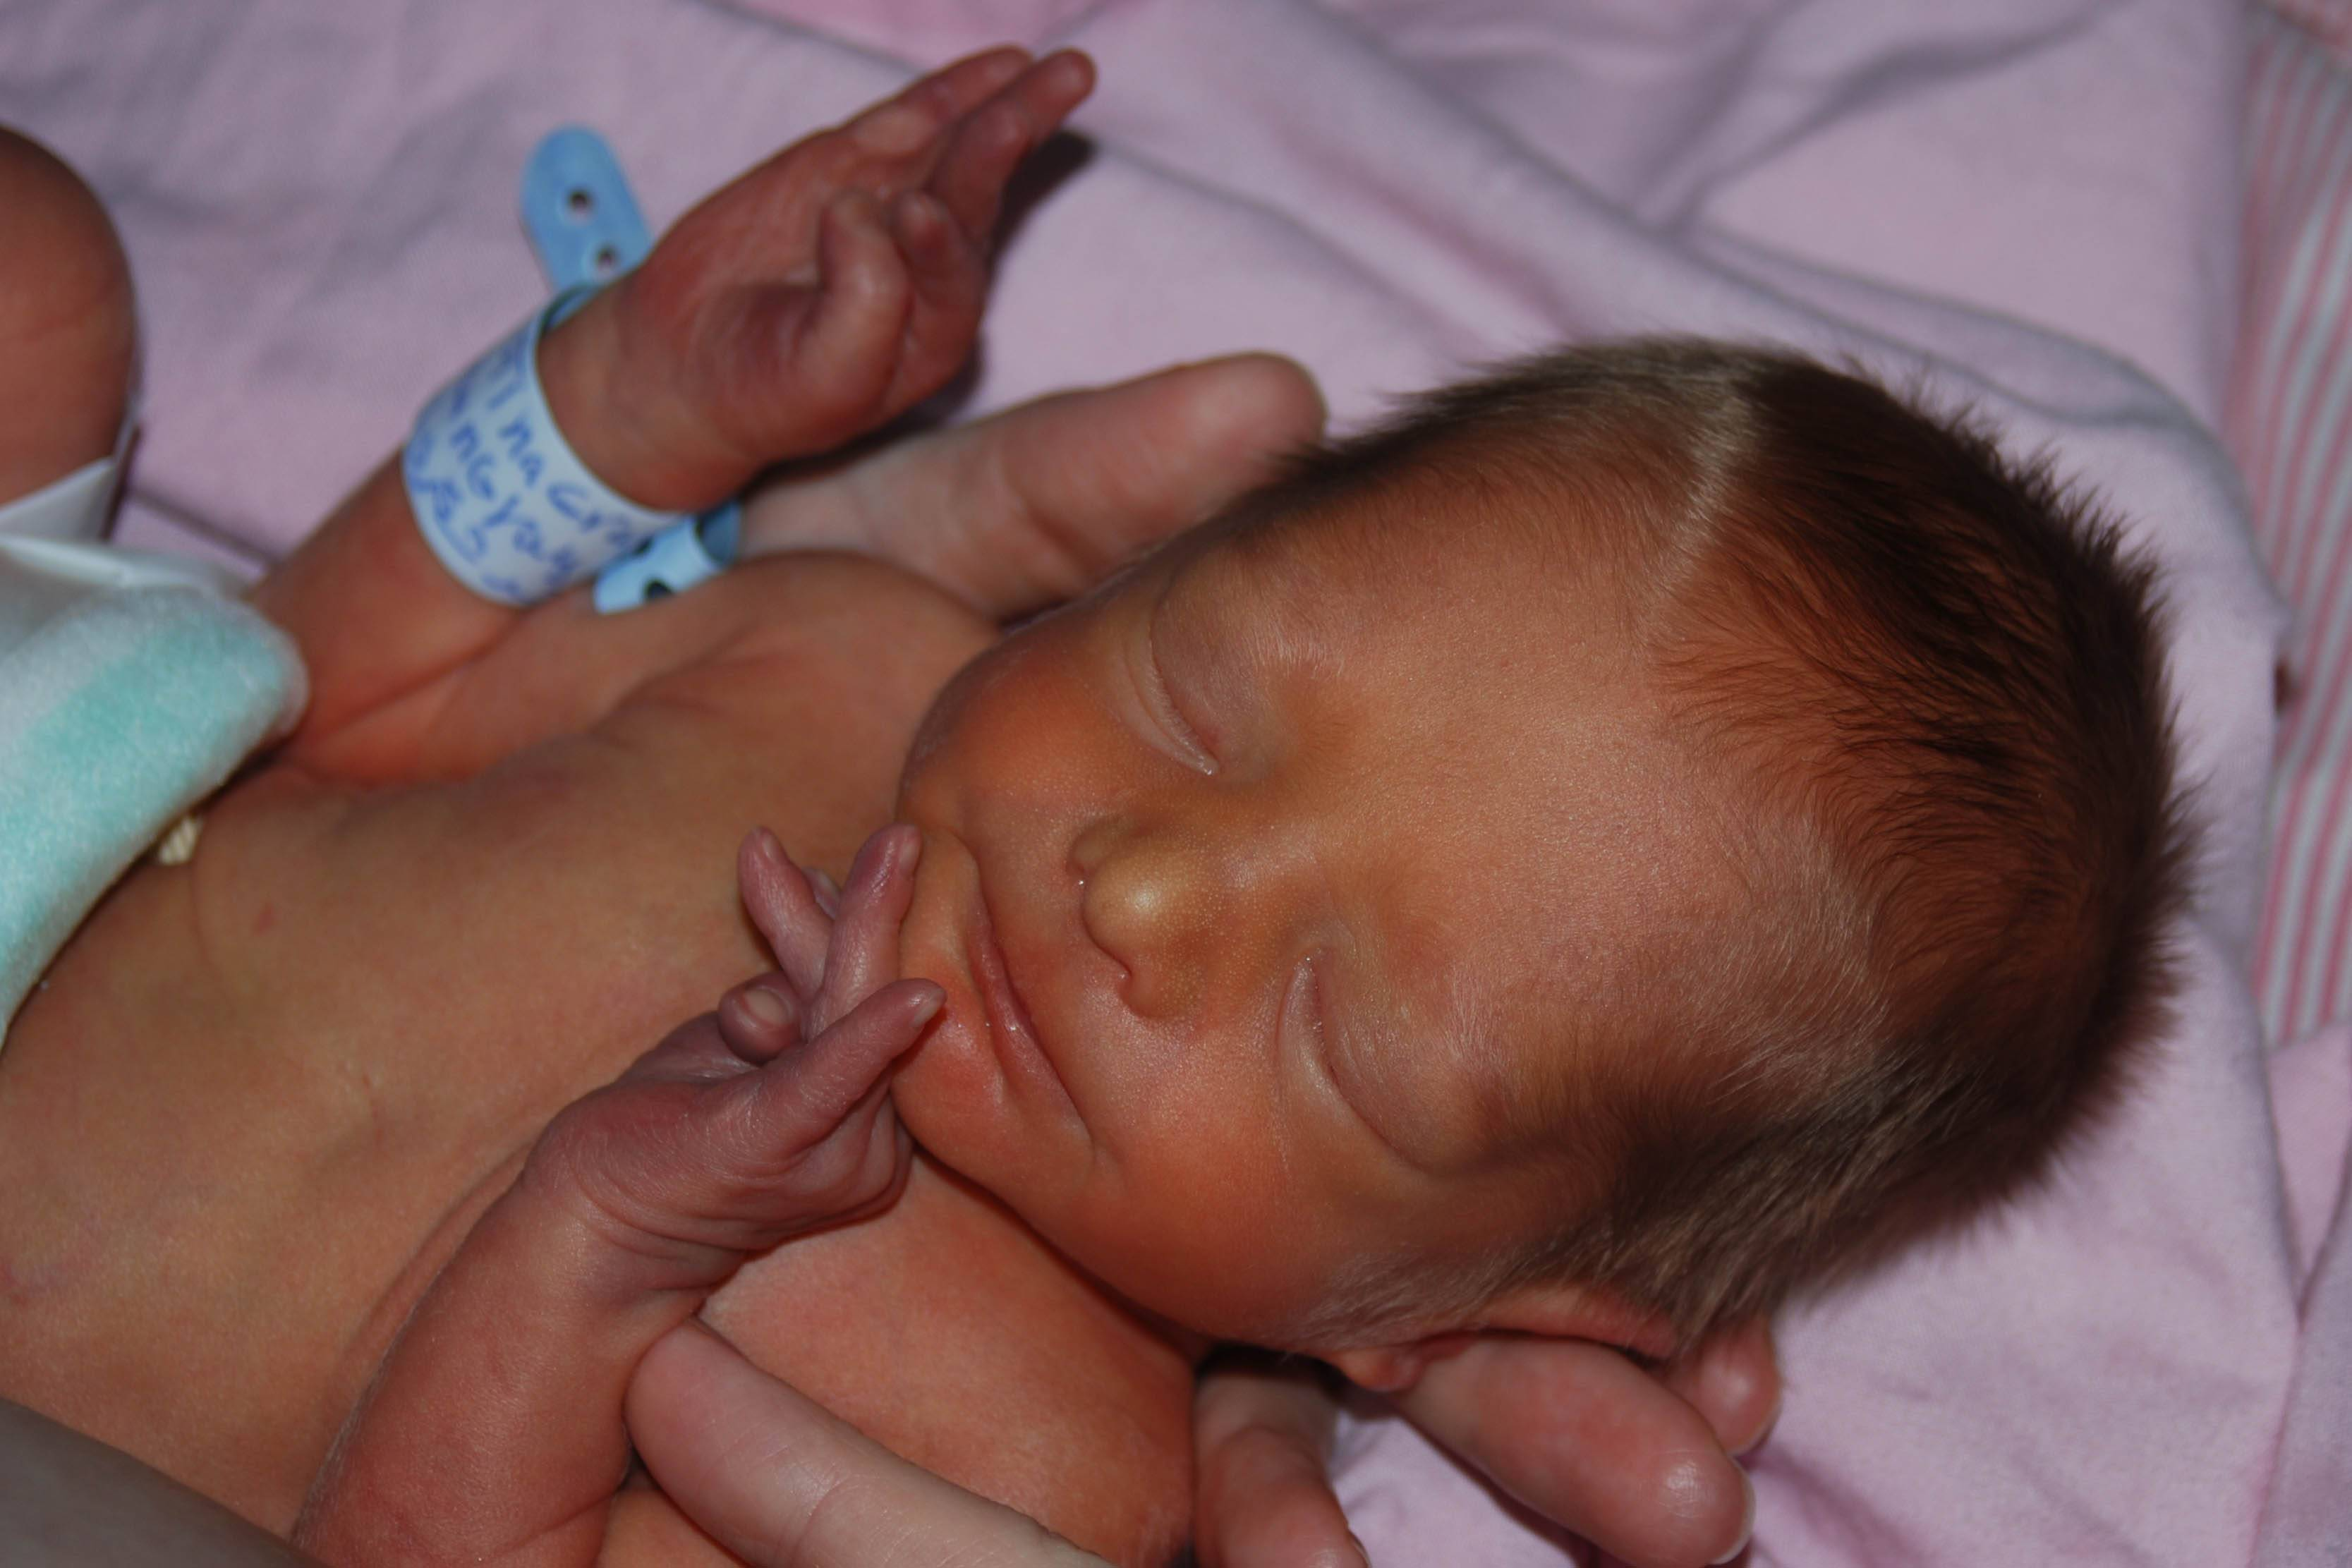 Желтуха у новорожденного: симптомы, причины, лечение и диагностика заболевания (115 фото)